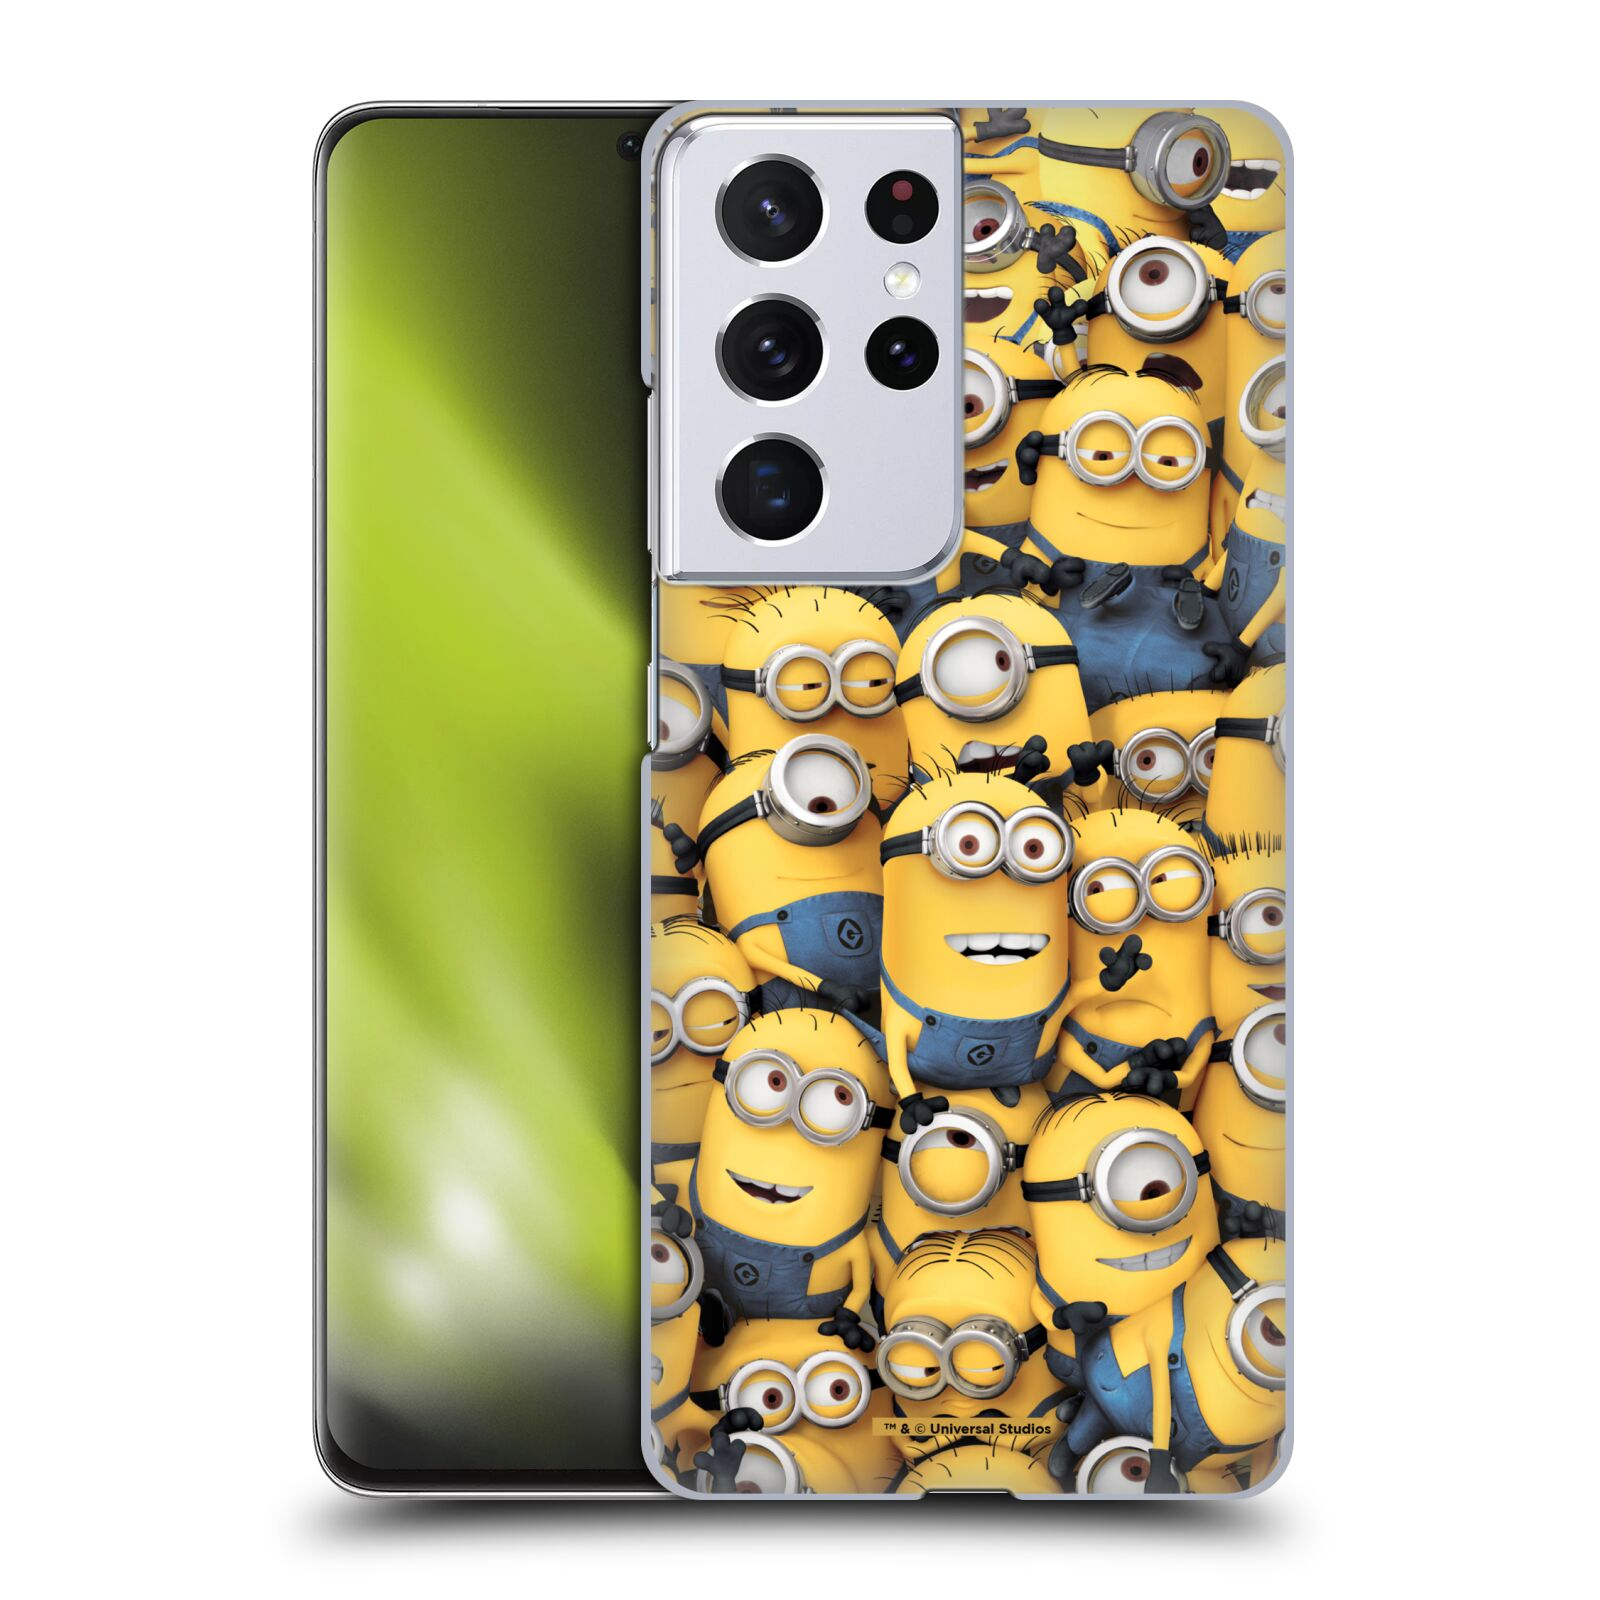 Plastové pouzdro na mobil Samsung Galaxy S21 Ultra 5G - Head Case - Mimoni všude z filmu Já, padouch - Despicable Me